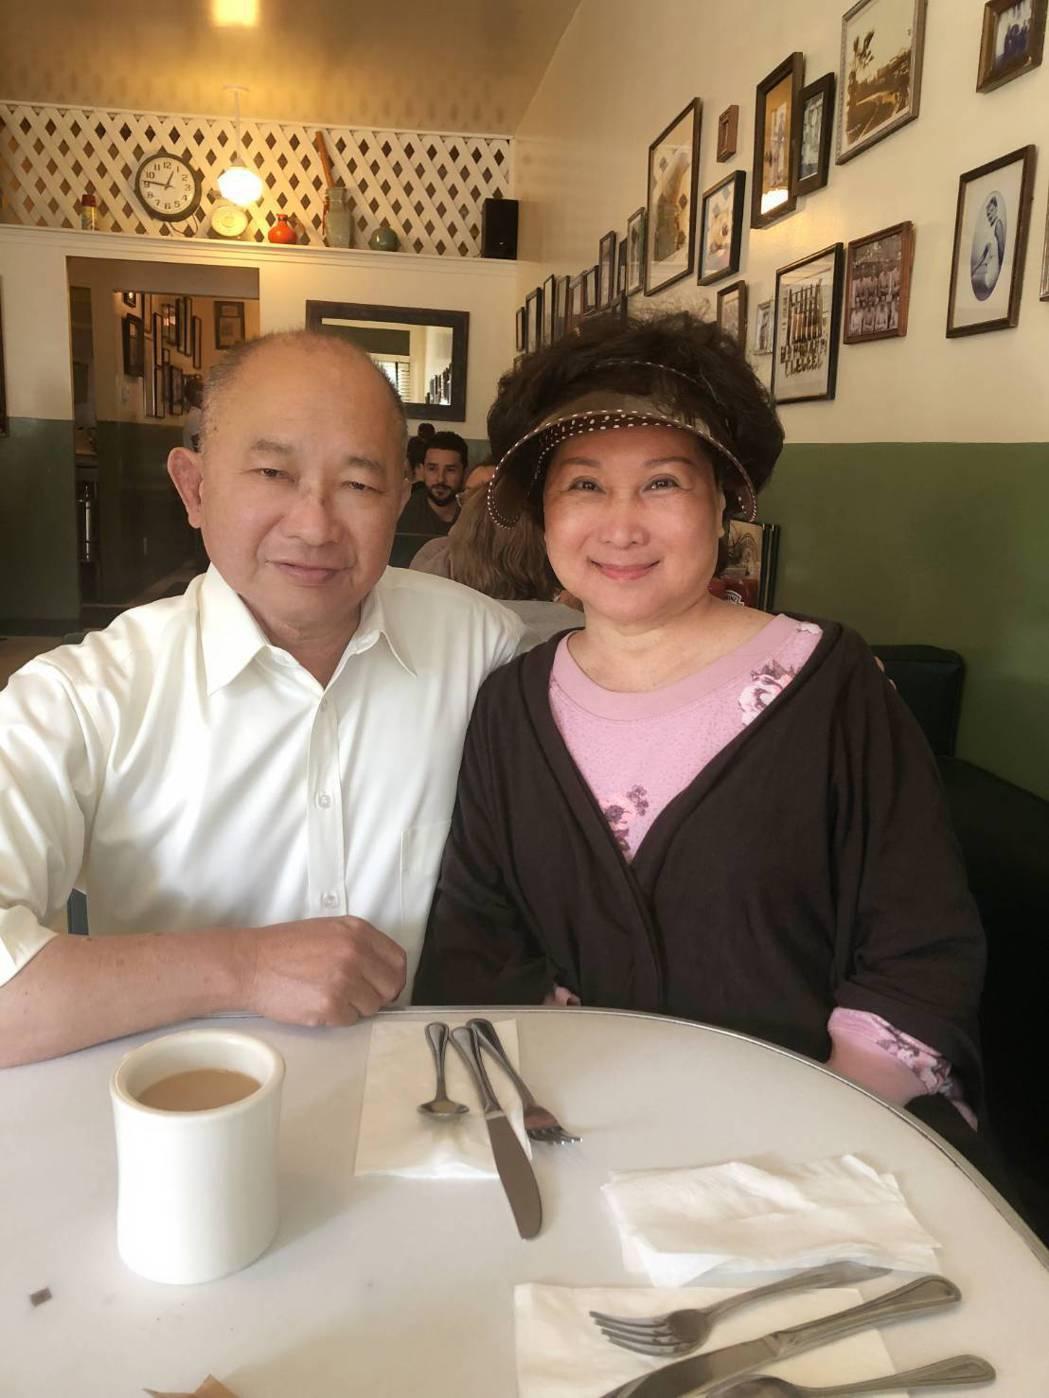 吳宇森(左)天天親自煲湯,為老婆開完刀調養身體。圖/倪有純提供